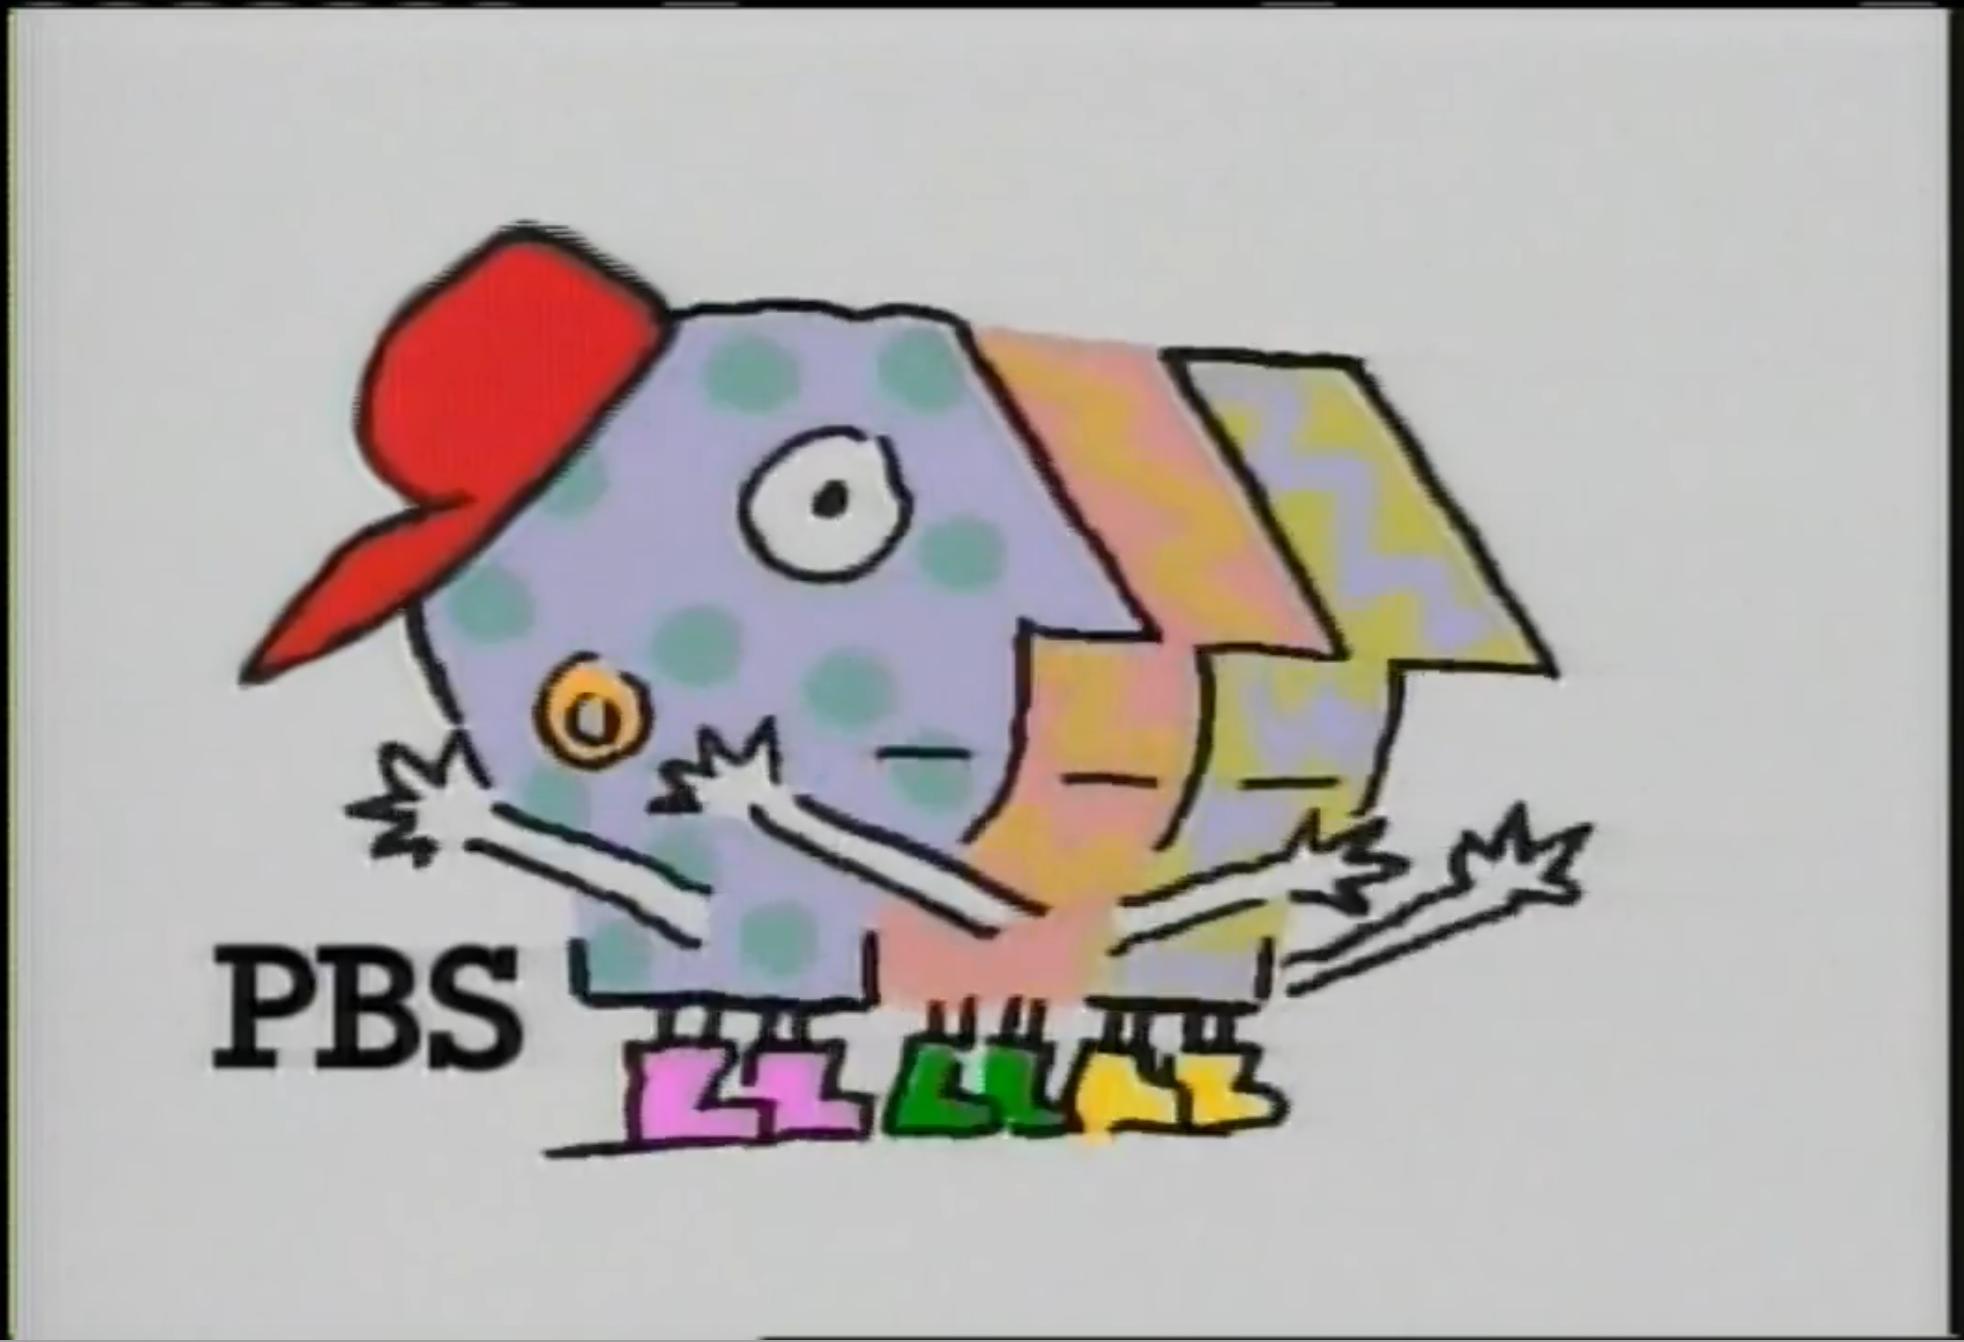 PBS Kids/Idents